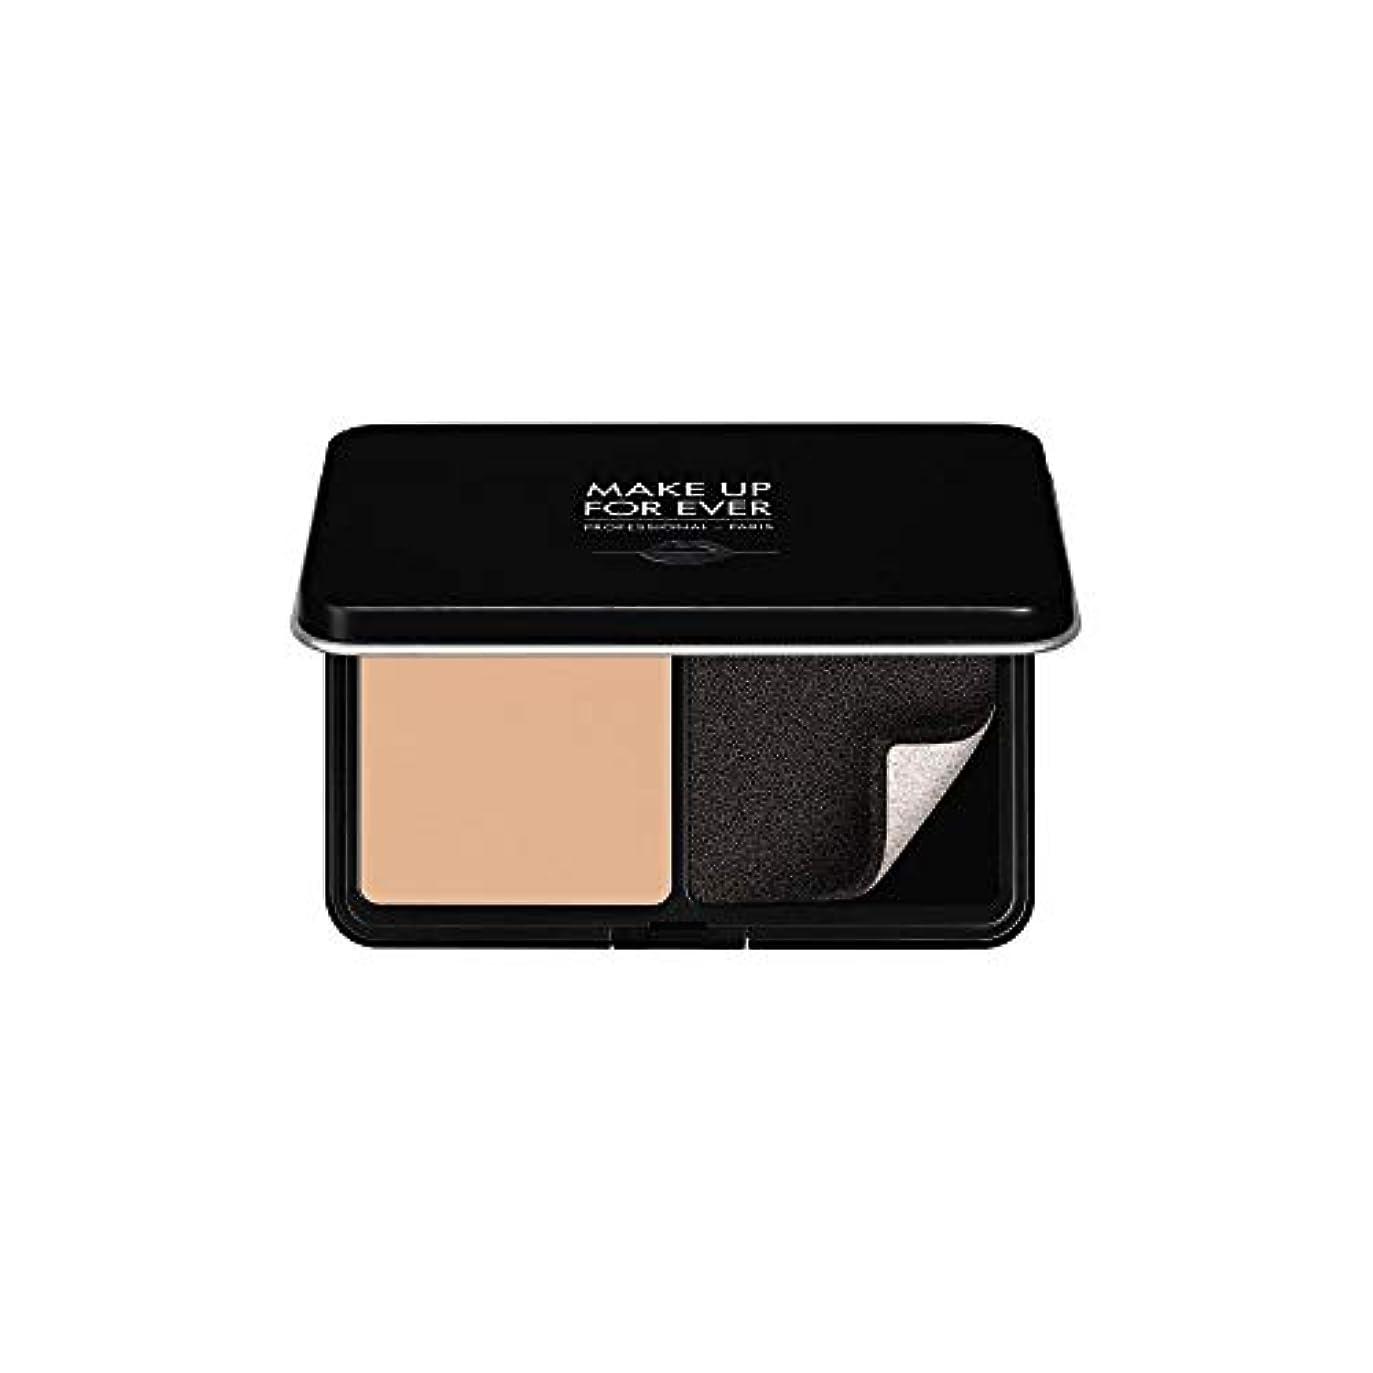 飼い慣らす成分経験メイクアップフォーエバー Matte Velvet Skin Blurring Powder Foundation - # R250 (Beige Nude) 11g/0.38oz並行輸入品